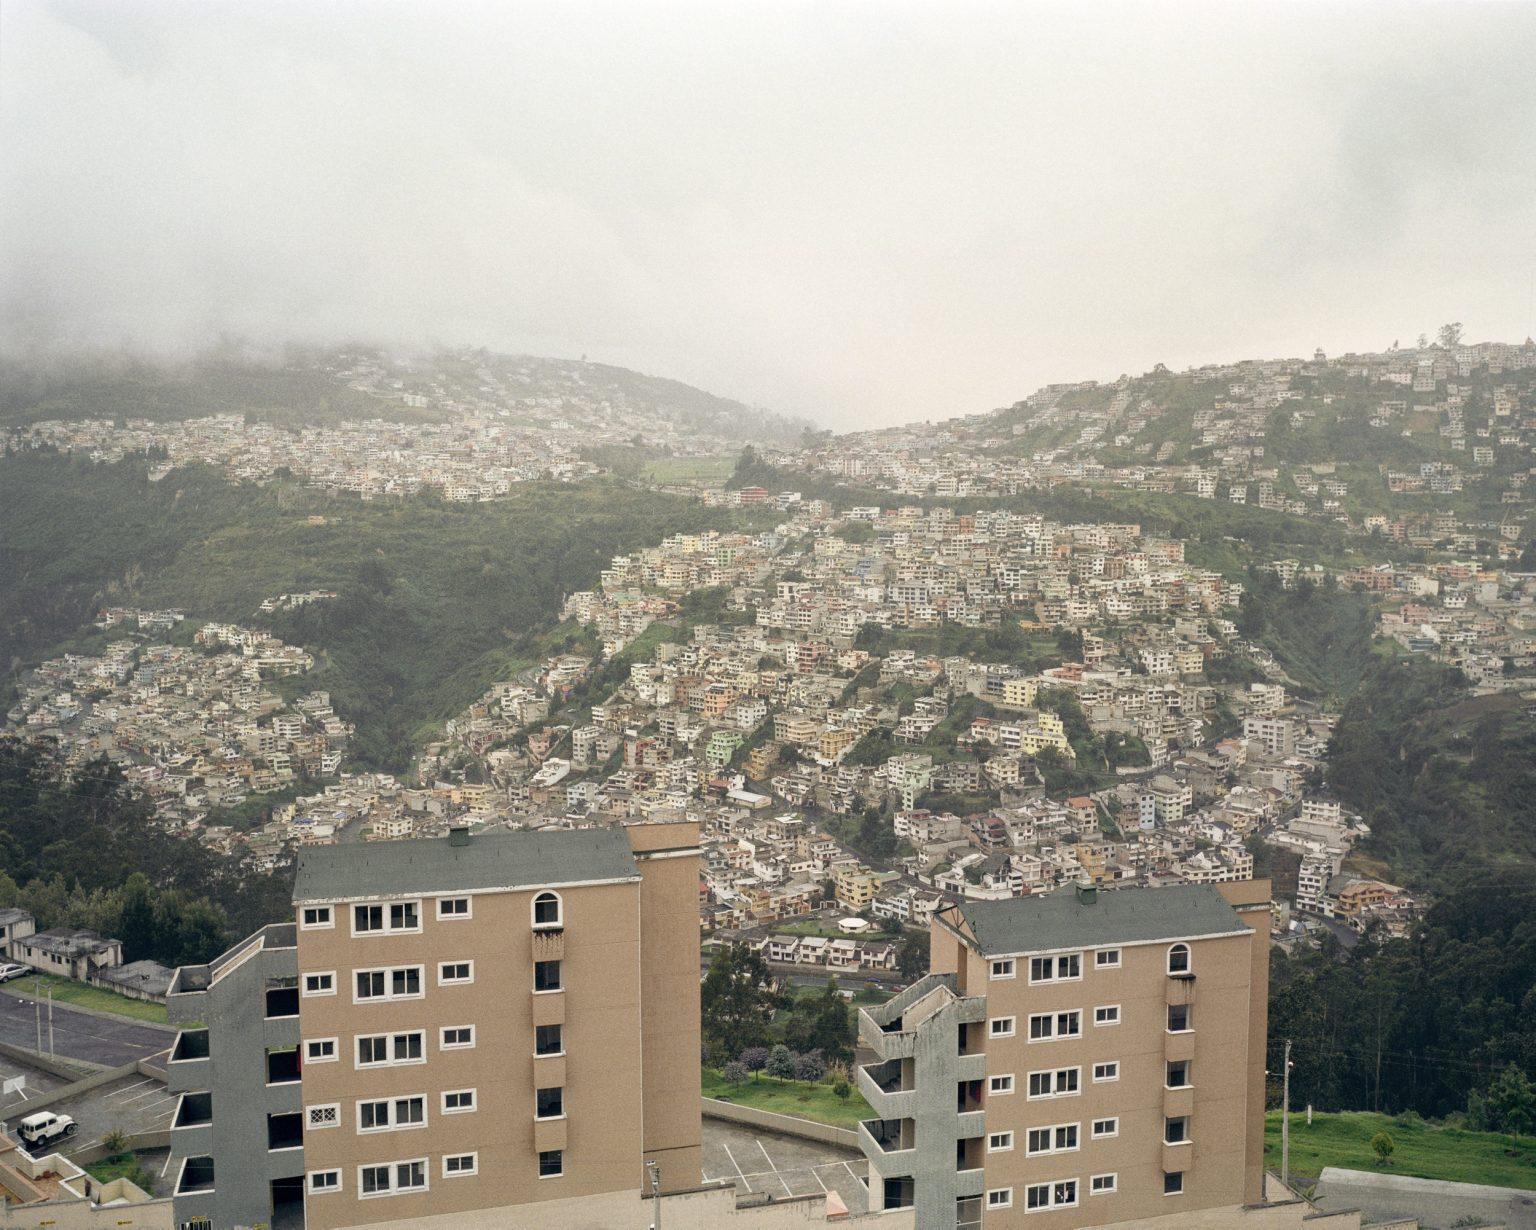 Vista di Quito, la citta che si trova a 3000 mt d'altitudine si snoda per una lunga vallata. La zona sud è la piu popolare, via via che si procede a nord si estende la città piu ricca, dove risiede la maggior parte della crescente classe media Ecuatoriana. Dicembre 2011.  View of Quito, is located at 3000 mt of altitude along a long valley. The South is the most popular zone, as we proceed to the North the city become richer, and it is where live most of the growing middle class Ecuadorian. December 2011 ..